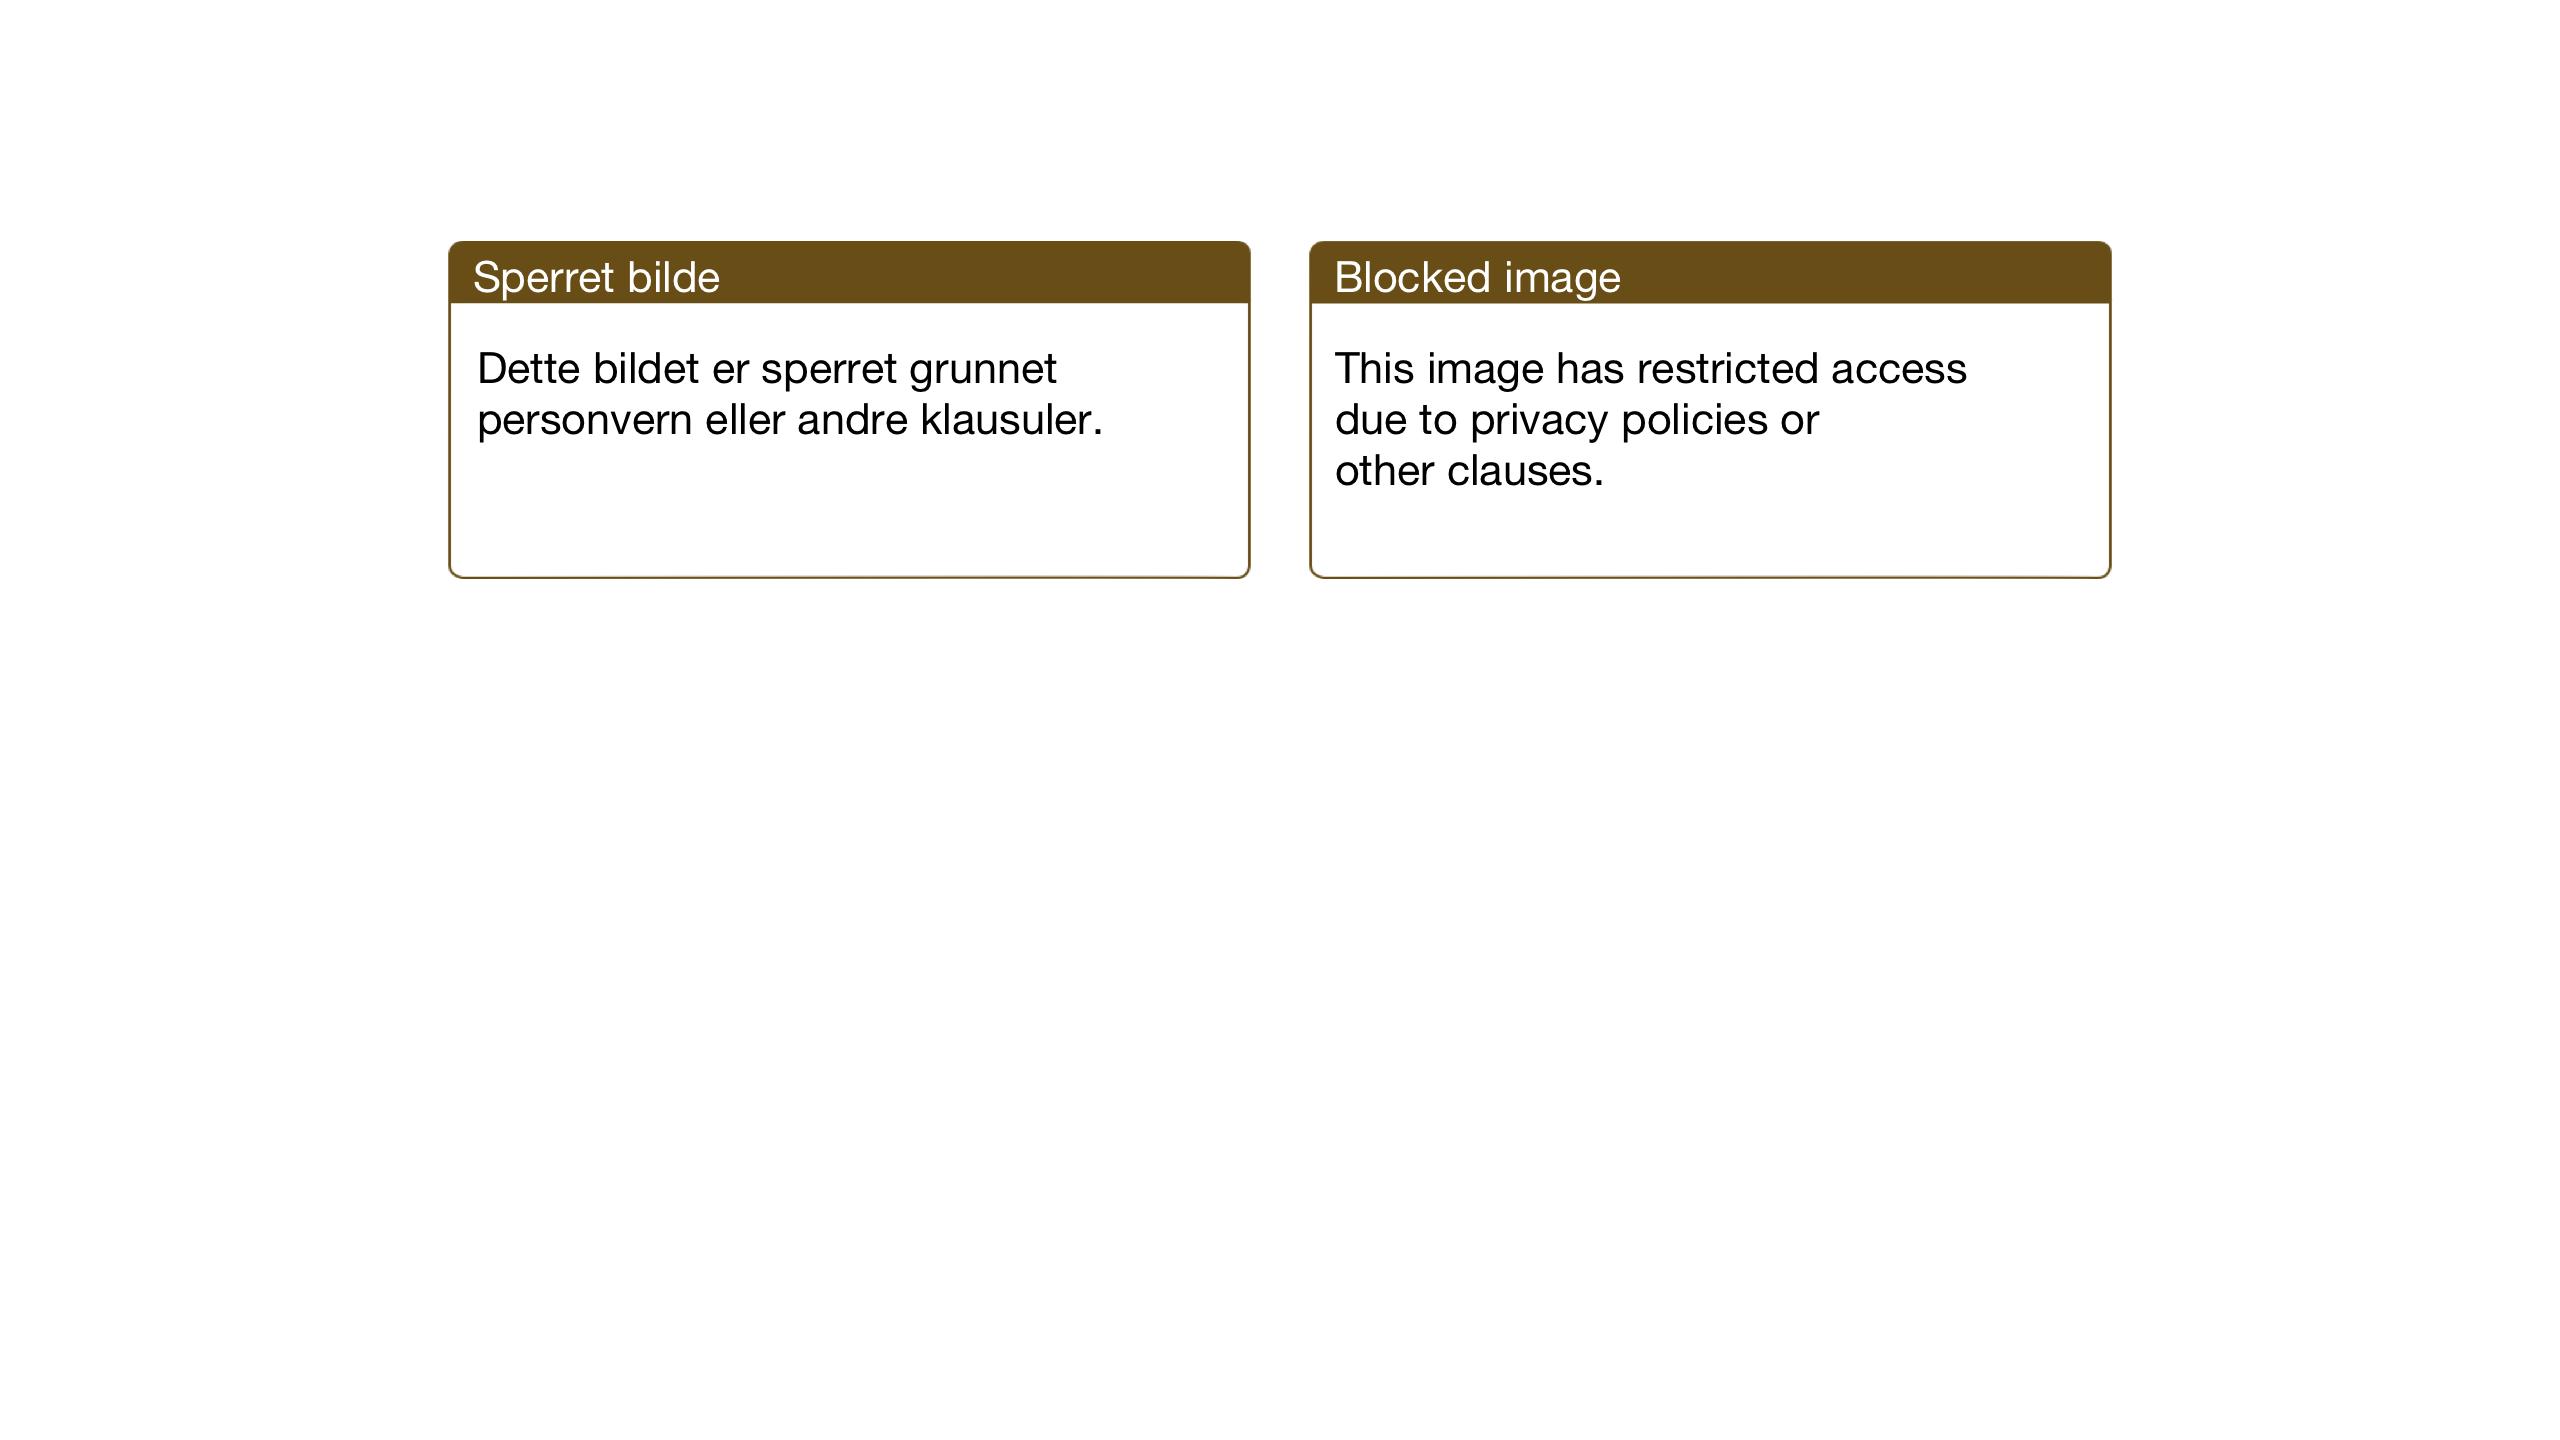 SAT, Ministerialprotokoller, klokkerbøker og fødselsregistre - Nord-Trøndelag, 749/L0481: Klokkerbok nr. 749C03, 1933-1945, s. 33